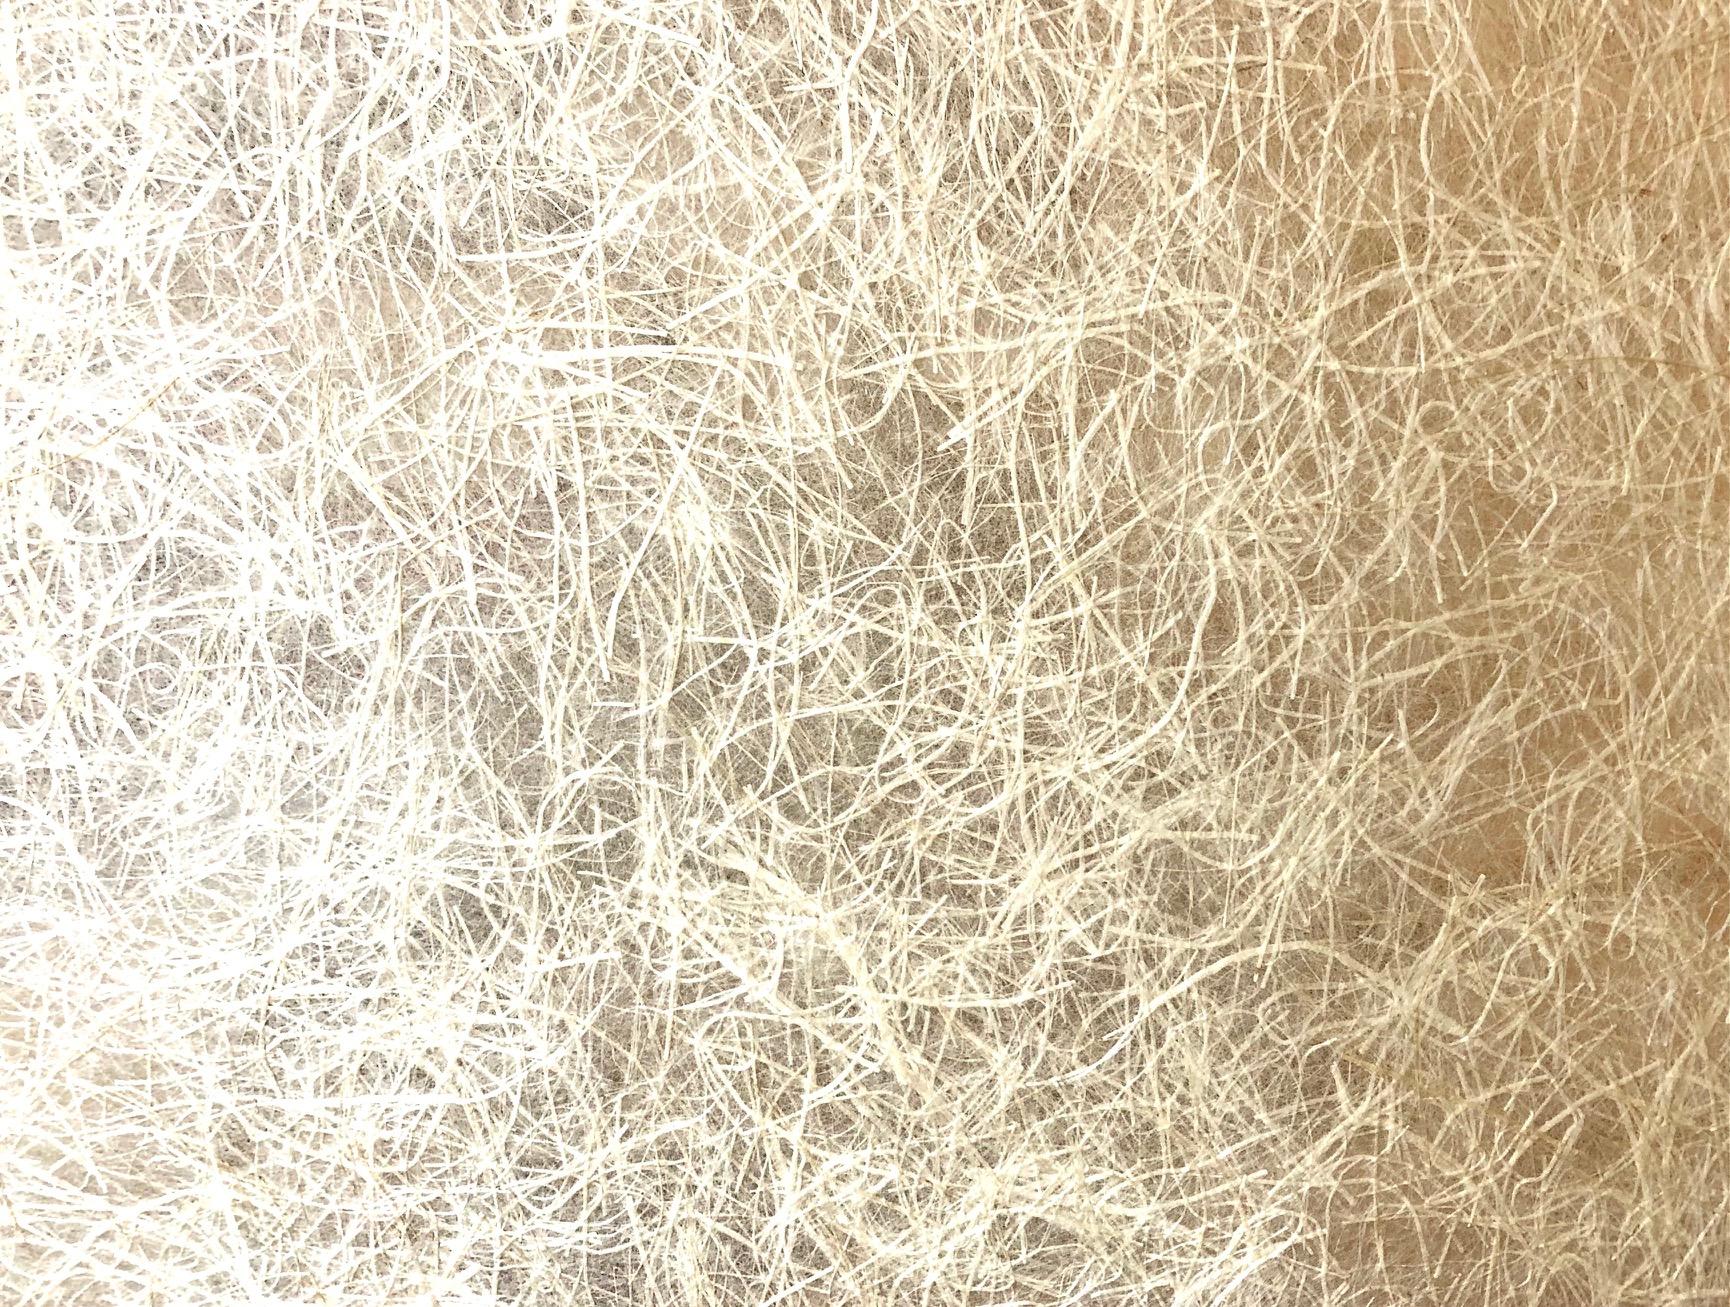 Papier mit Leinenfaser